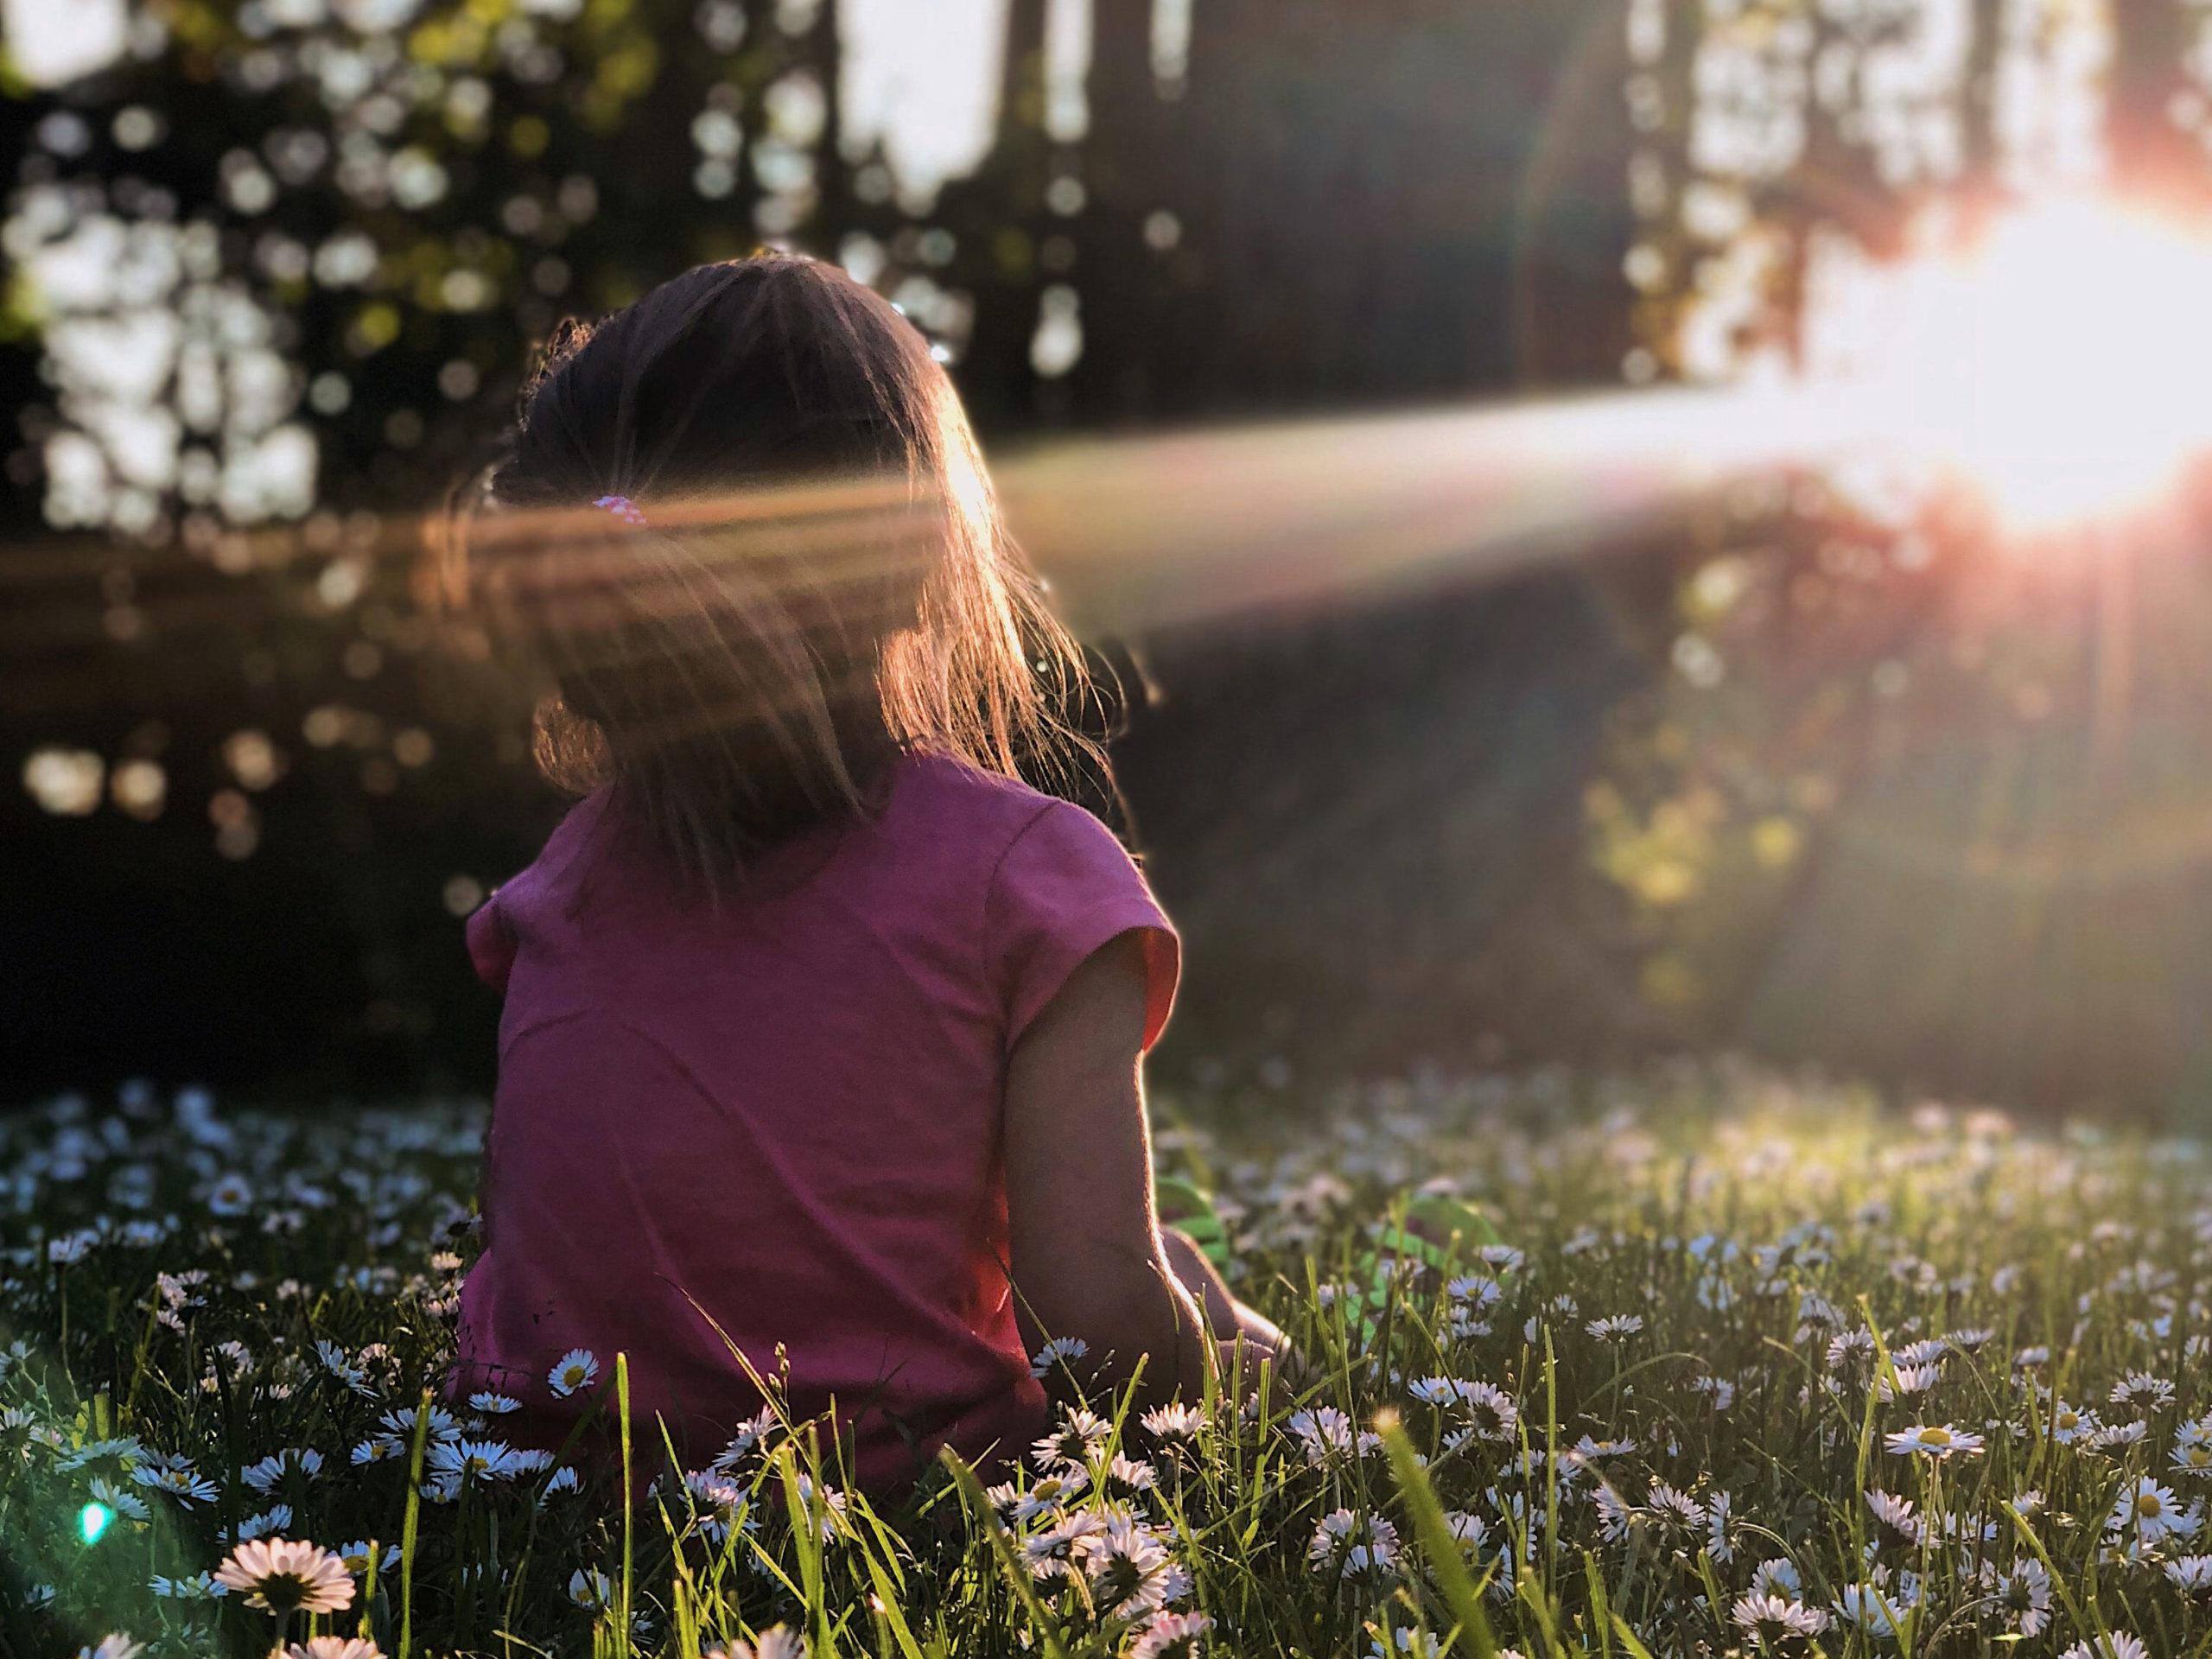 jente i gress ser på solen